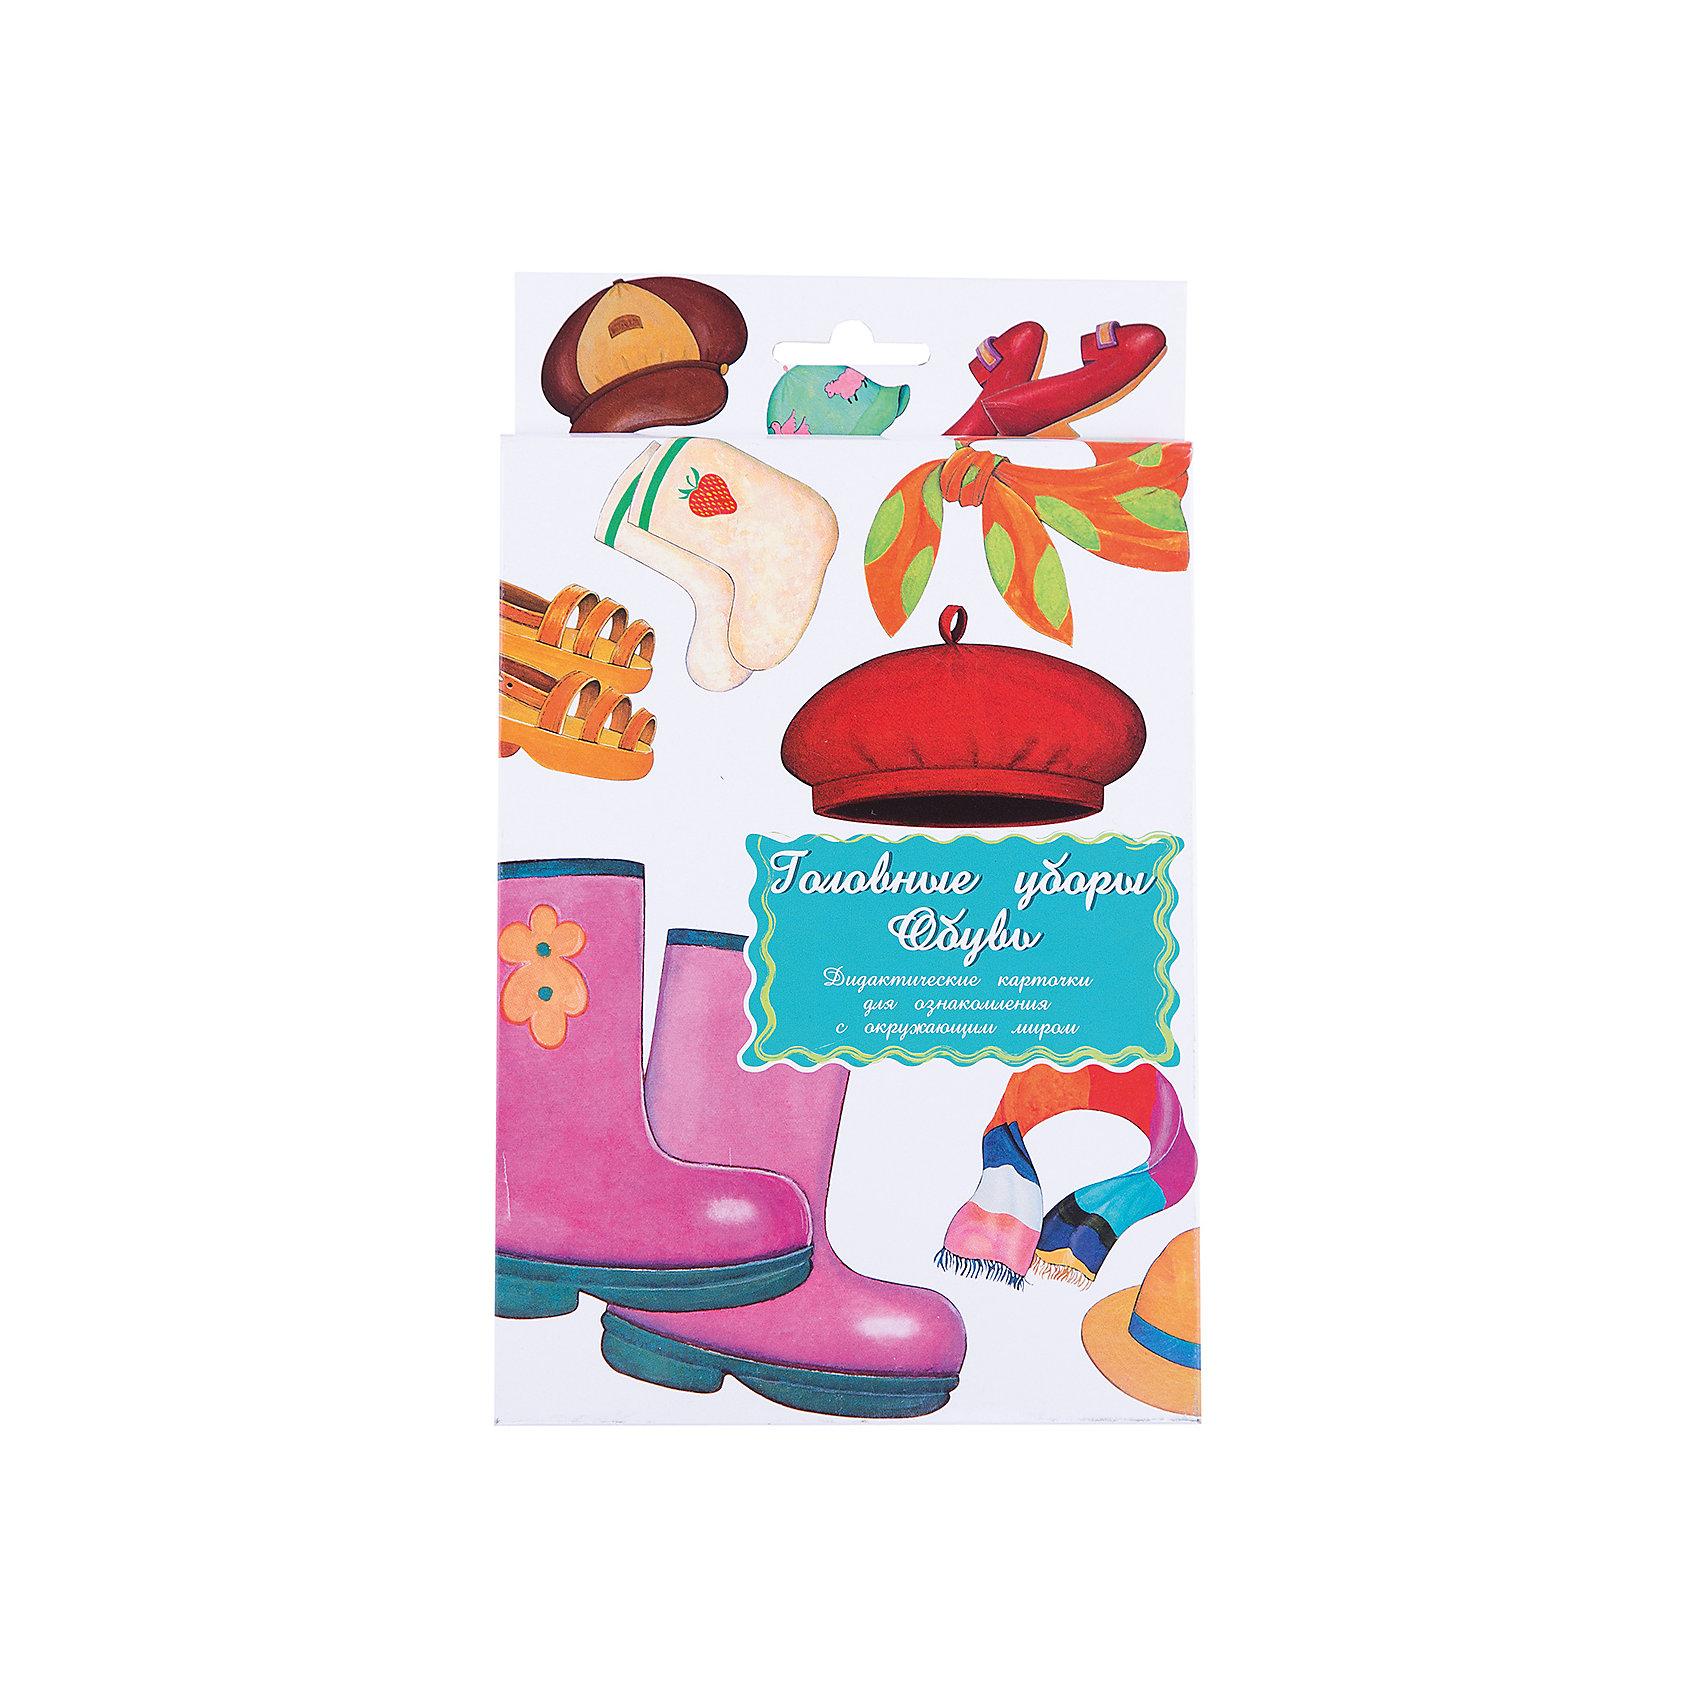 Дидактические карточки Головные уборы.Обувь, Маленький генийОбучающие карточки<br>Дидактические карточки Головные уборы.Обувь, Маленький гений.<br><br>Характеристики:<br><br>• Художник: Подколзин Евгений<br>• Количество карточек: 16 (ботинки, кроссовки, босоножки, тапочки, сланцы, сапоги, валенки, туфли, меховая шапка, вязаная шапка, кепка, панамка, берет, шляпа, платок, шарф)<br>• Размер карточек: 25х15 см.<br>• Материал: картон<br>• Упаковка: картонный блистер с европодвесом<br>• Размер упаковки: 25,5х15,5х1 см.<br><br>Дидактические карточки познакомят малыша с разными видами обуви и головных уборов. В набор входит 16 плотных красочных карточек с крупными изображениями этих необходимых для каждого вещей. На обратной стороне каждой карточки находится информация для родителей, которую они смогут рассказать своим детям по ходу игры: это небольшой экскурс в историю появления тех или иных предметов обуви и головных уборов, а также - описание роли, которую играют они в жизни современного человека. <br><br>Совсем маленькому ребенку можно просто показывать карточки и называть головные уборы и обувь. А затем попросить малыша найти карточку с заданным предметом и назвать его. Можно сортировать головные уборы и обувь, например, на зимние и летние, мужские и женские. Если ребенок учится читать, можно отрезать названия и, перемешав, предложить ребенку подобрать картинки к названиям. <br><br>С карточками можно организовать и множество игр на развитие внимания, логического мышления и памяти. Игра «Четвертый лишний»: из четырех карточек, три на одну тему и одна на другую, ребенок должен выбрать лишнюю и объяснить свой выбор. Можно по очереди с ребенком отвечать на вопрос «Какой?» относительно каждой карточки, стараясь дать больше ответов. <br><br>Разглядывая карточки, играя с ними, ваш малыш не только обогатит свой багаж знаний об окружающем мире, но и научится составлять предложения, беседовать по картинкам, классифицировать и систематизировать предметы. Карточки рекомендуются р